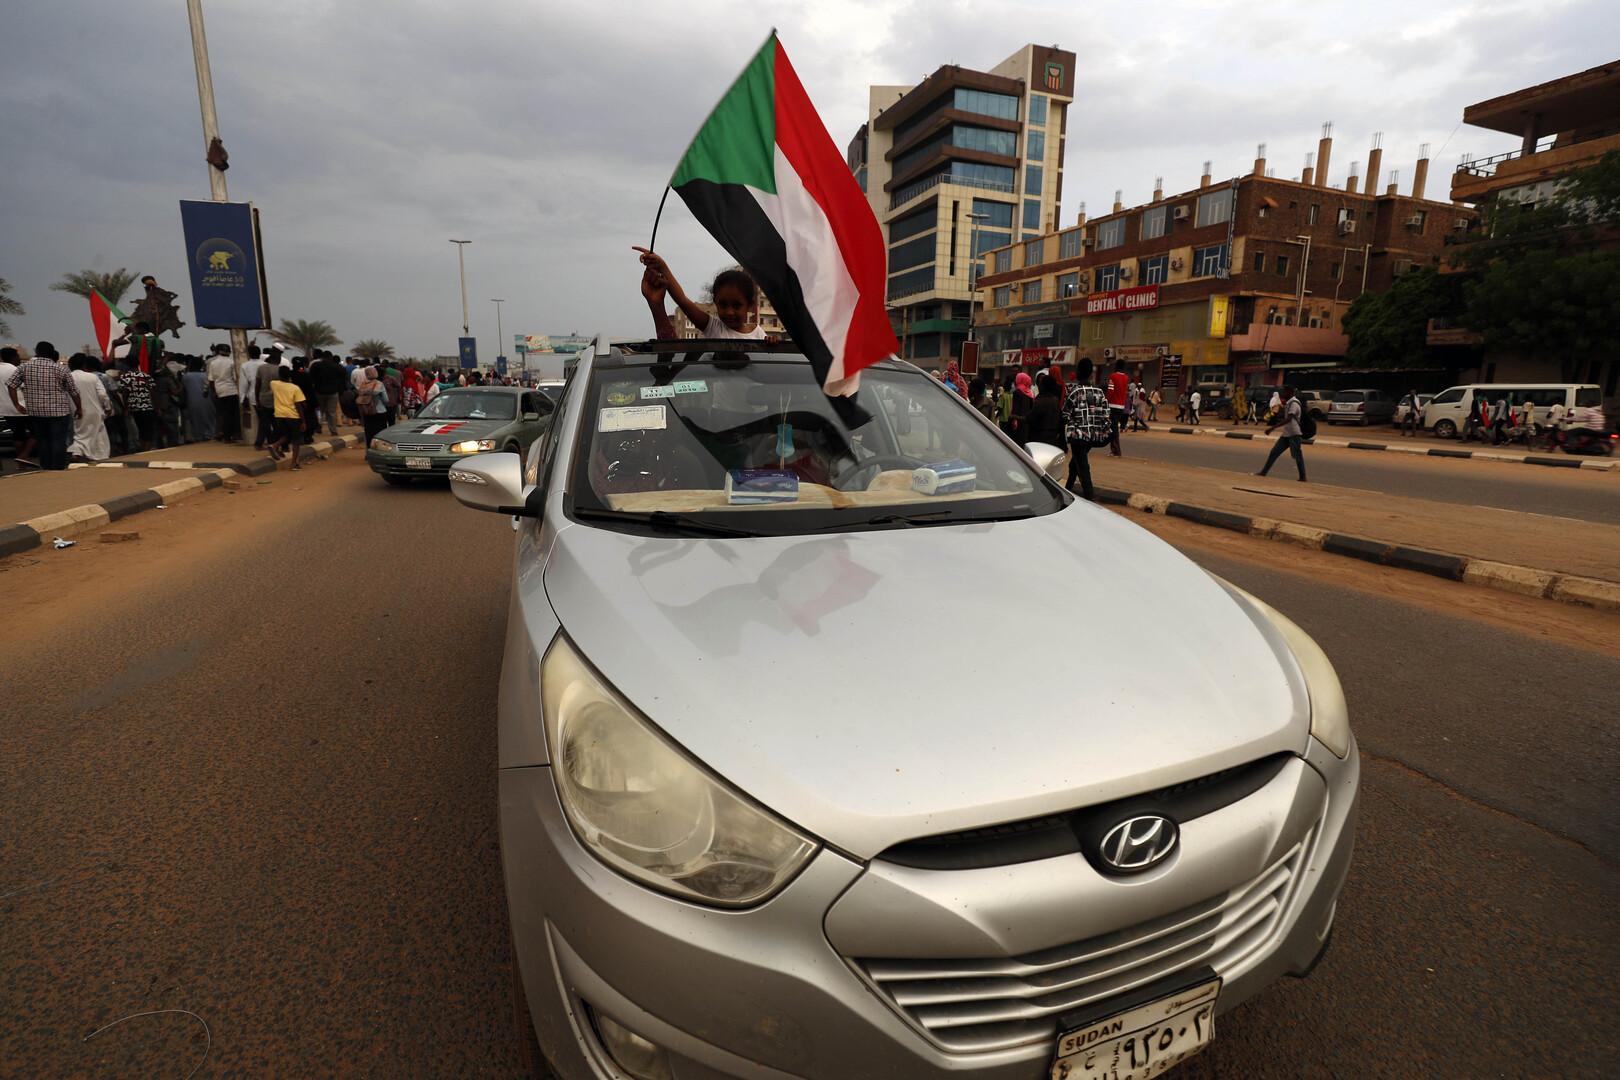 مجلس الدفاع السوداني يكشف عن اسم منفذ محاولة الانقلاب